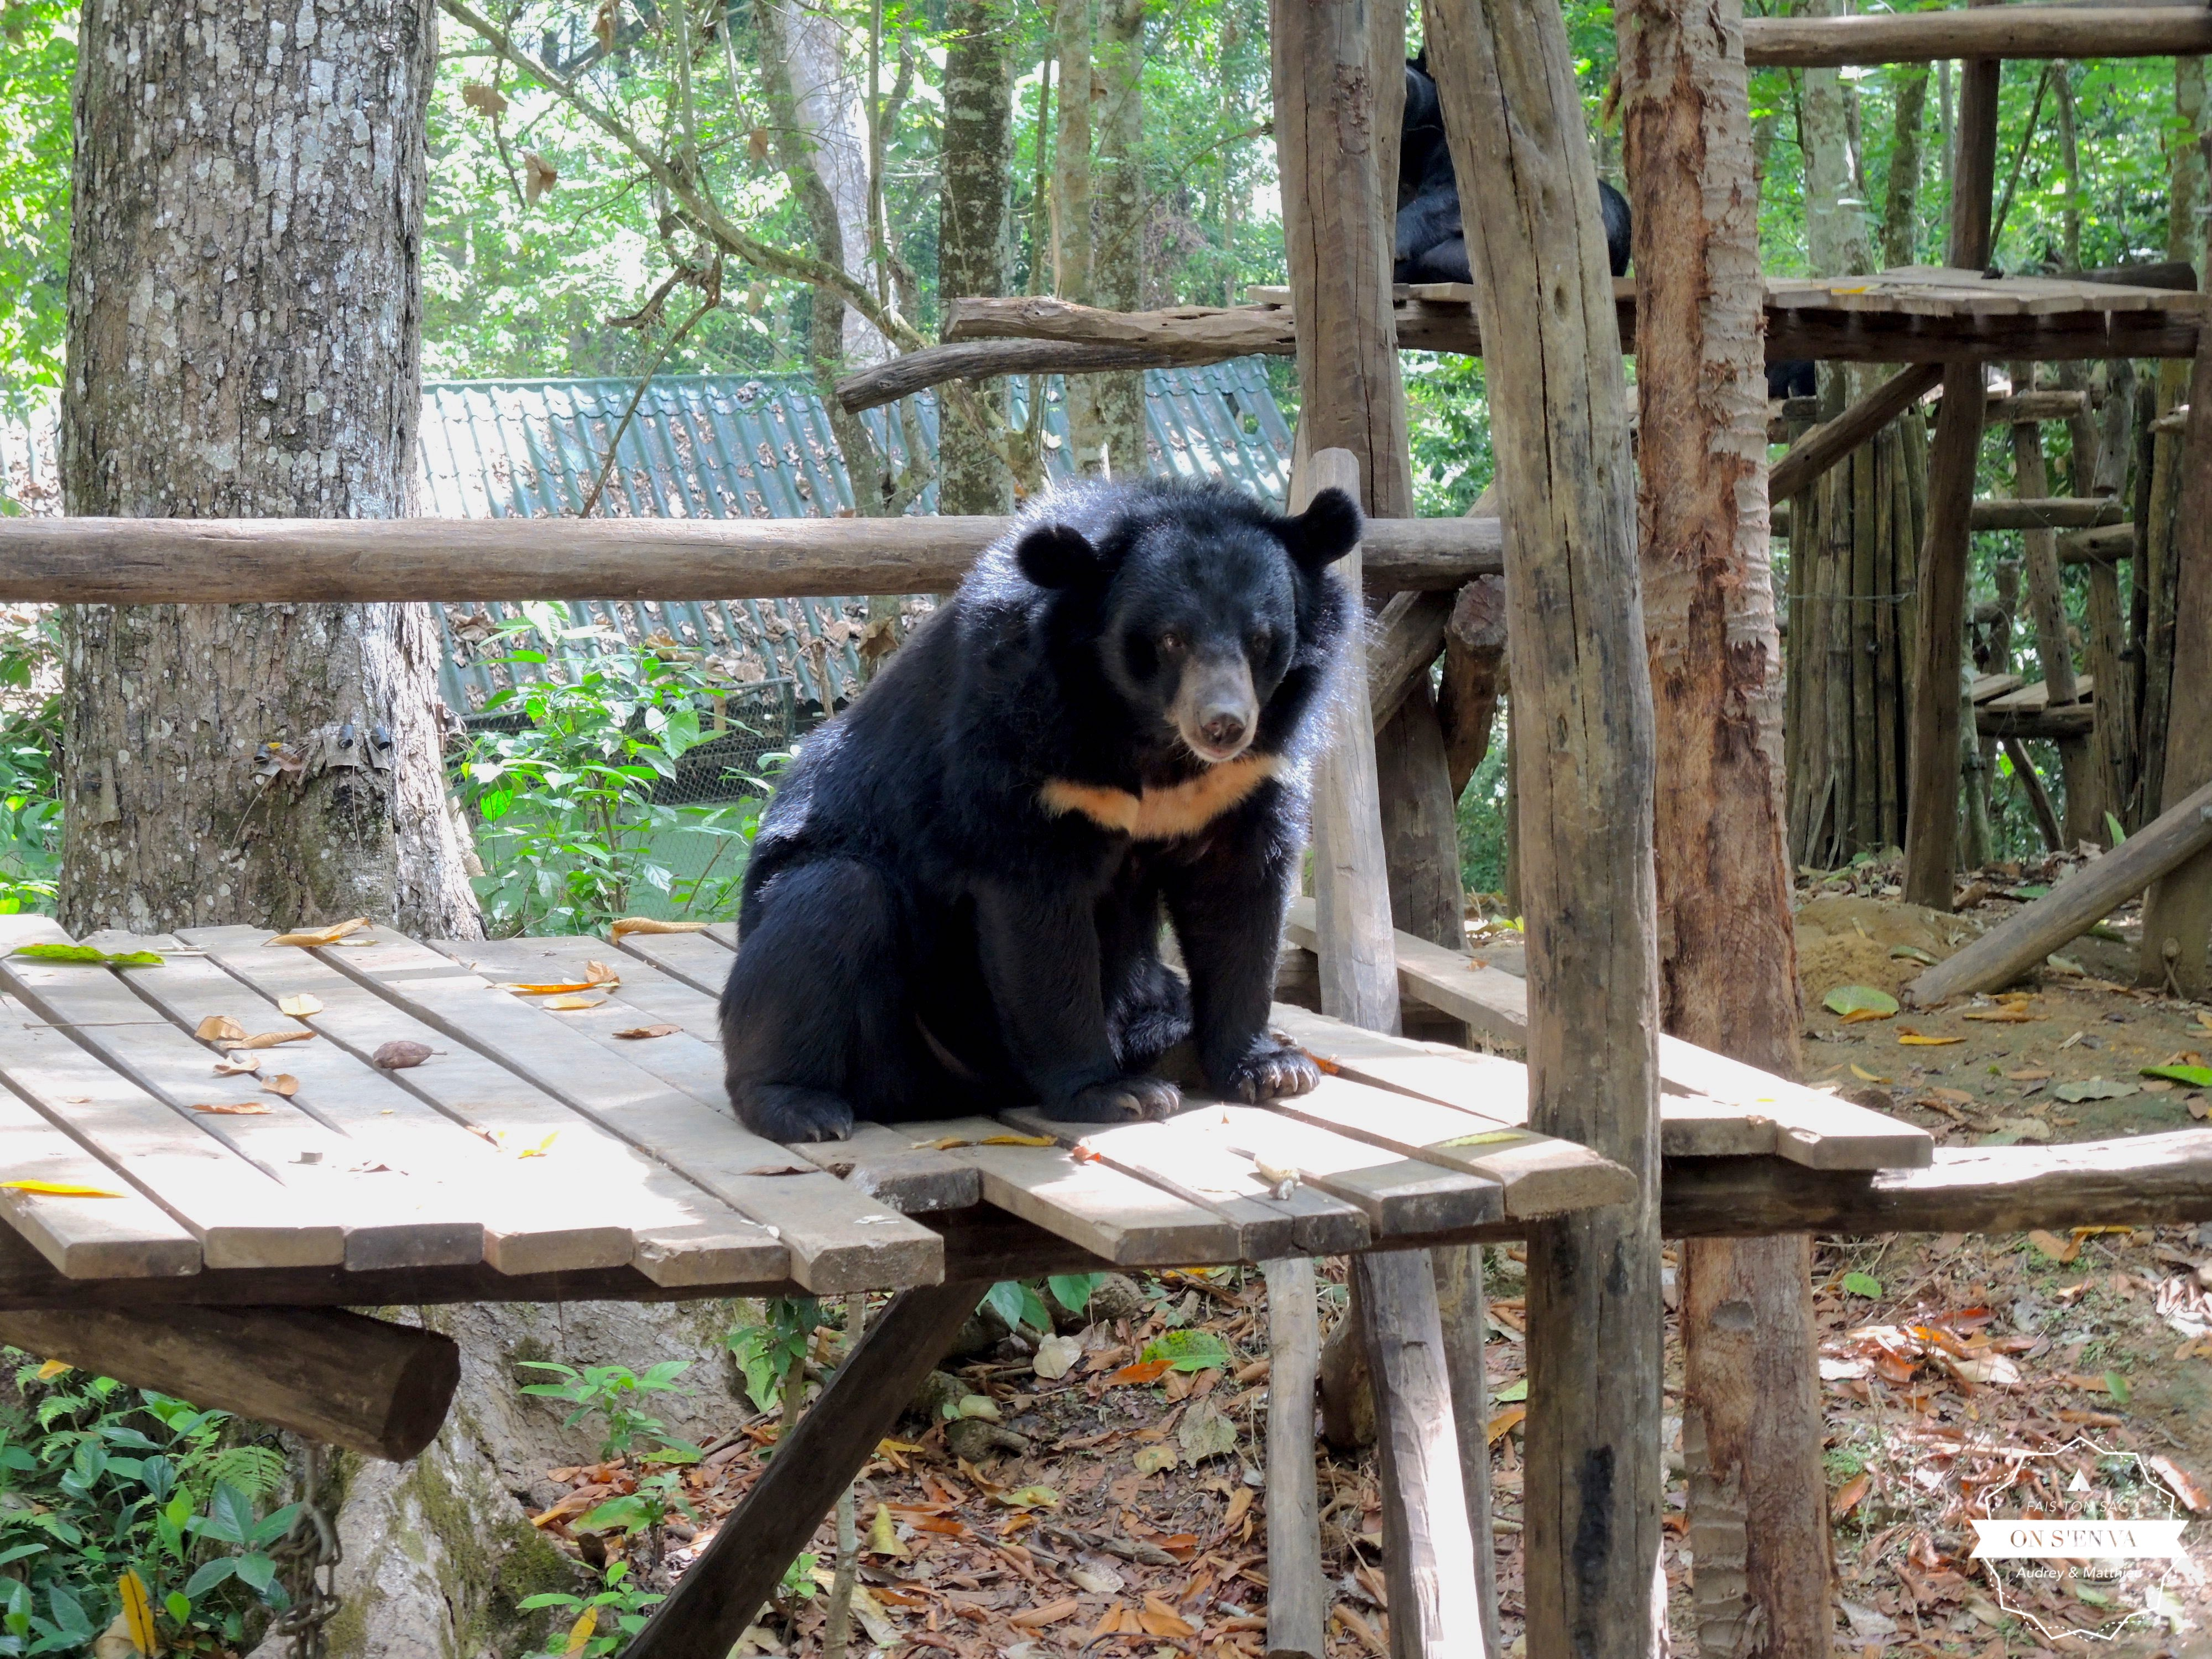 Refuge pour les ours à Tad Kuang Si